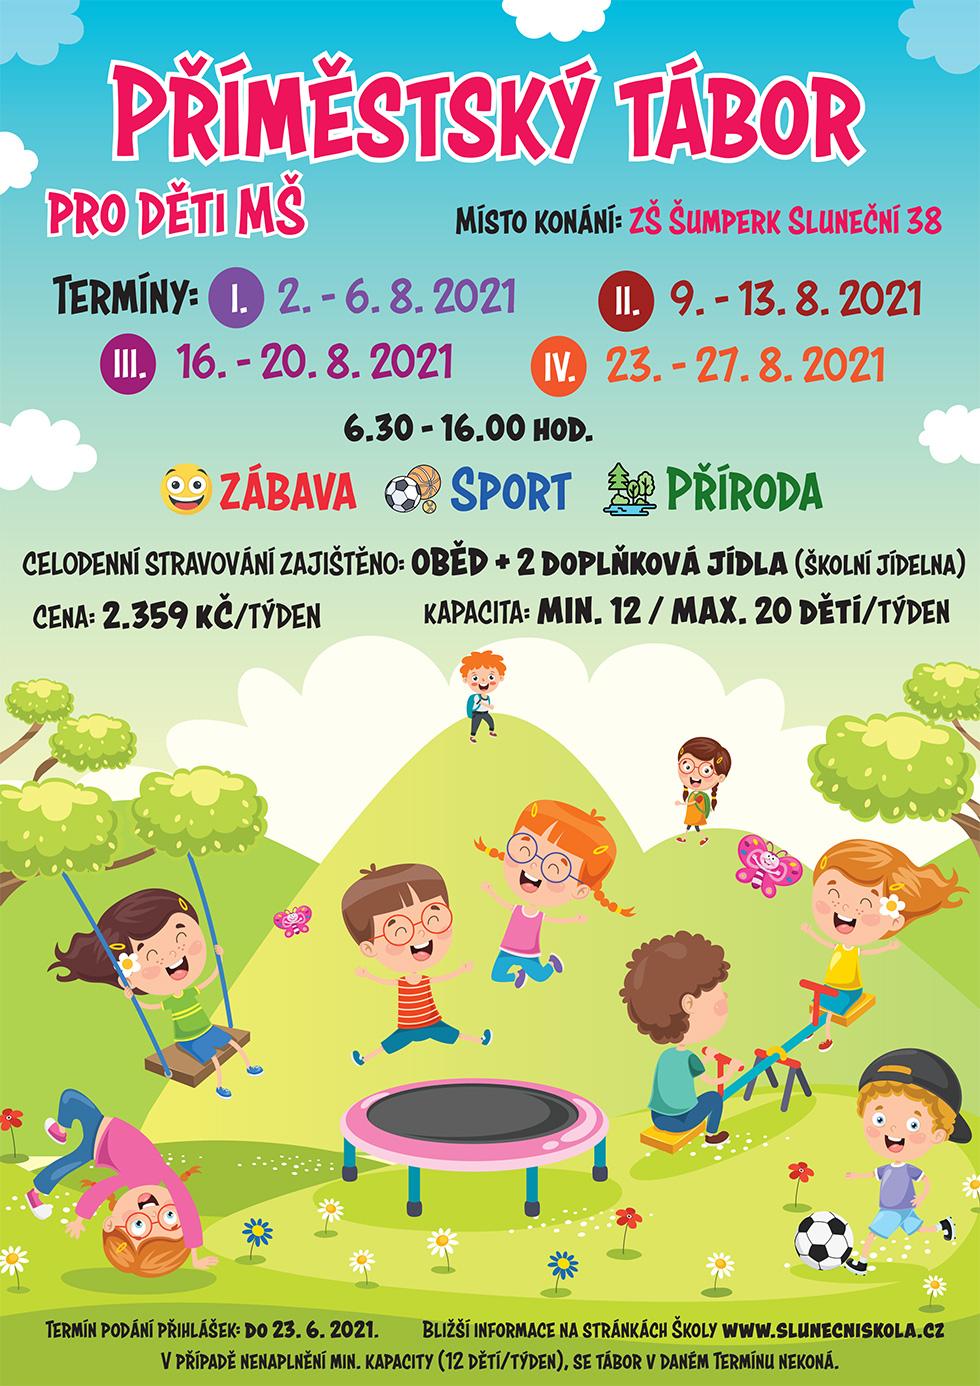 Primestsky tabor 2021 plakát